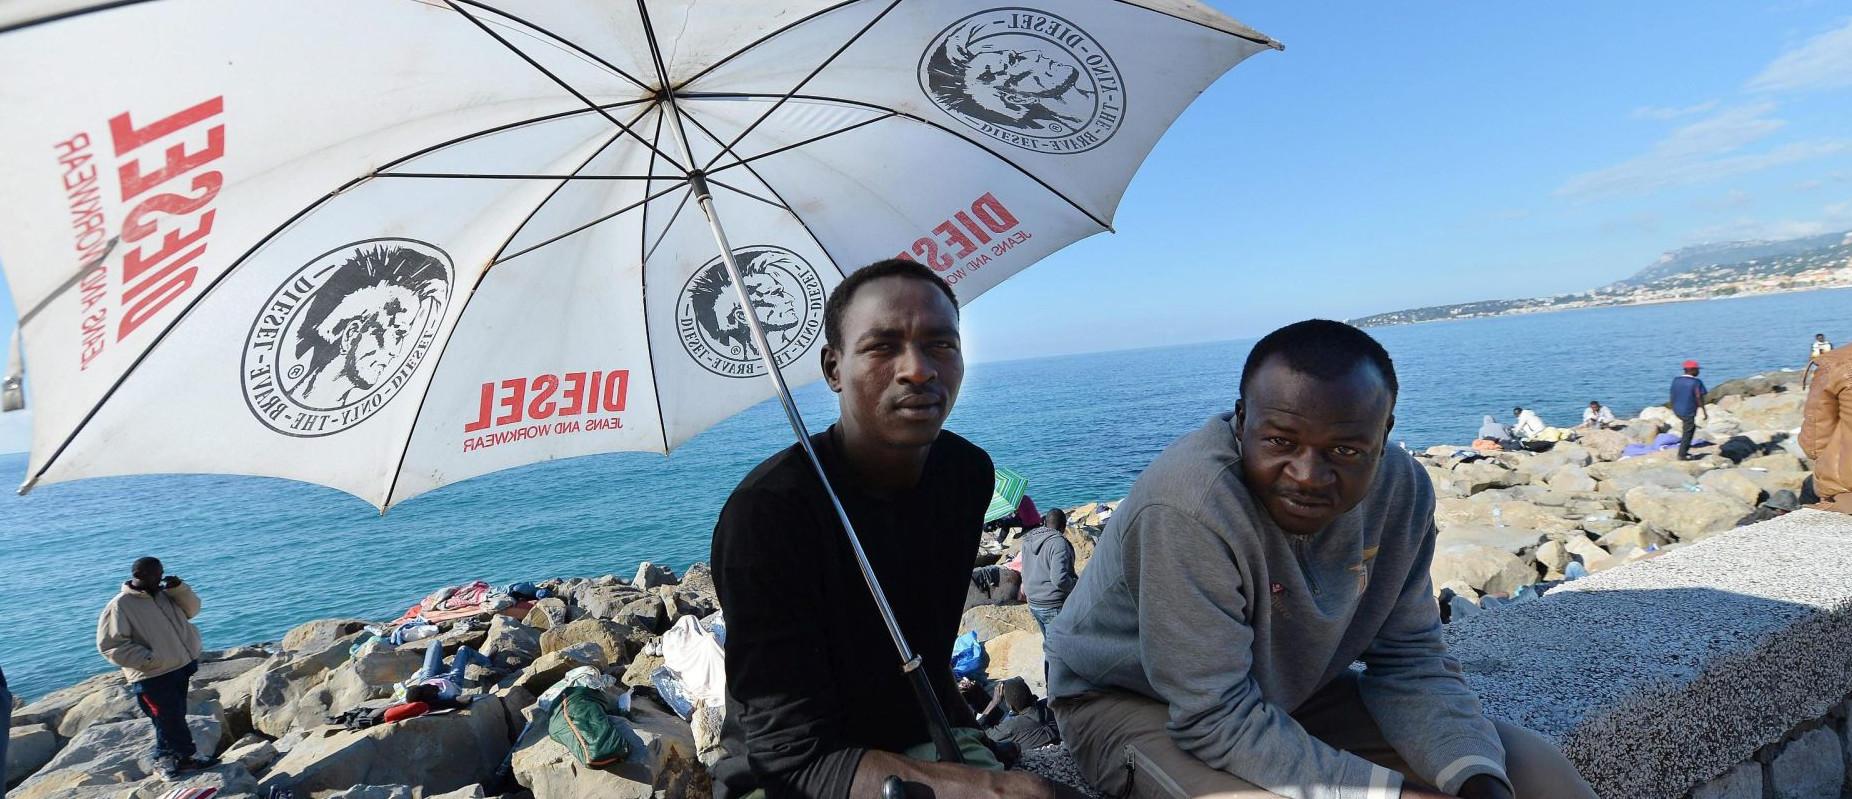 I DALJE PRISTIŽU U nedjelju na Sredozemlju spašeno 2900 imigranata